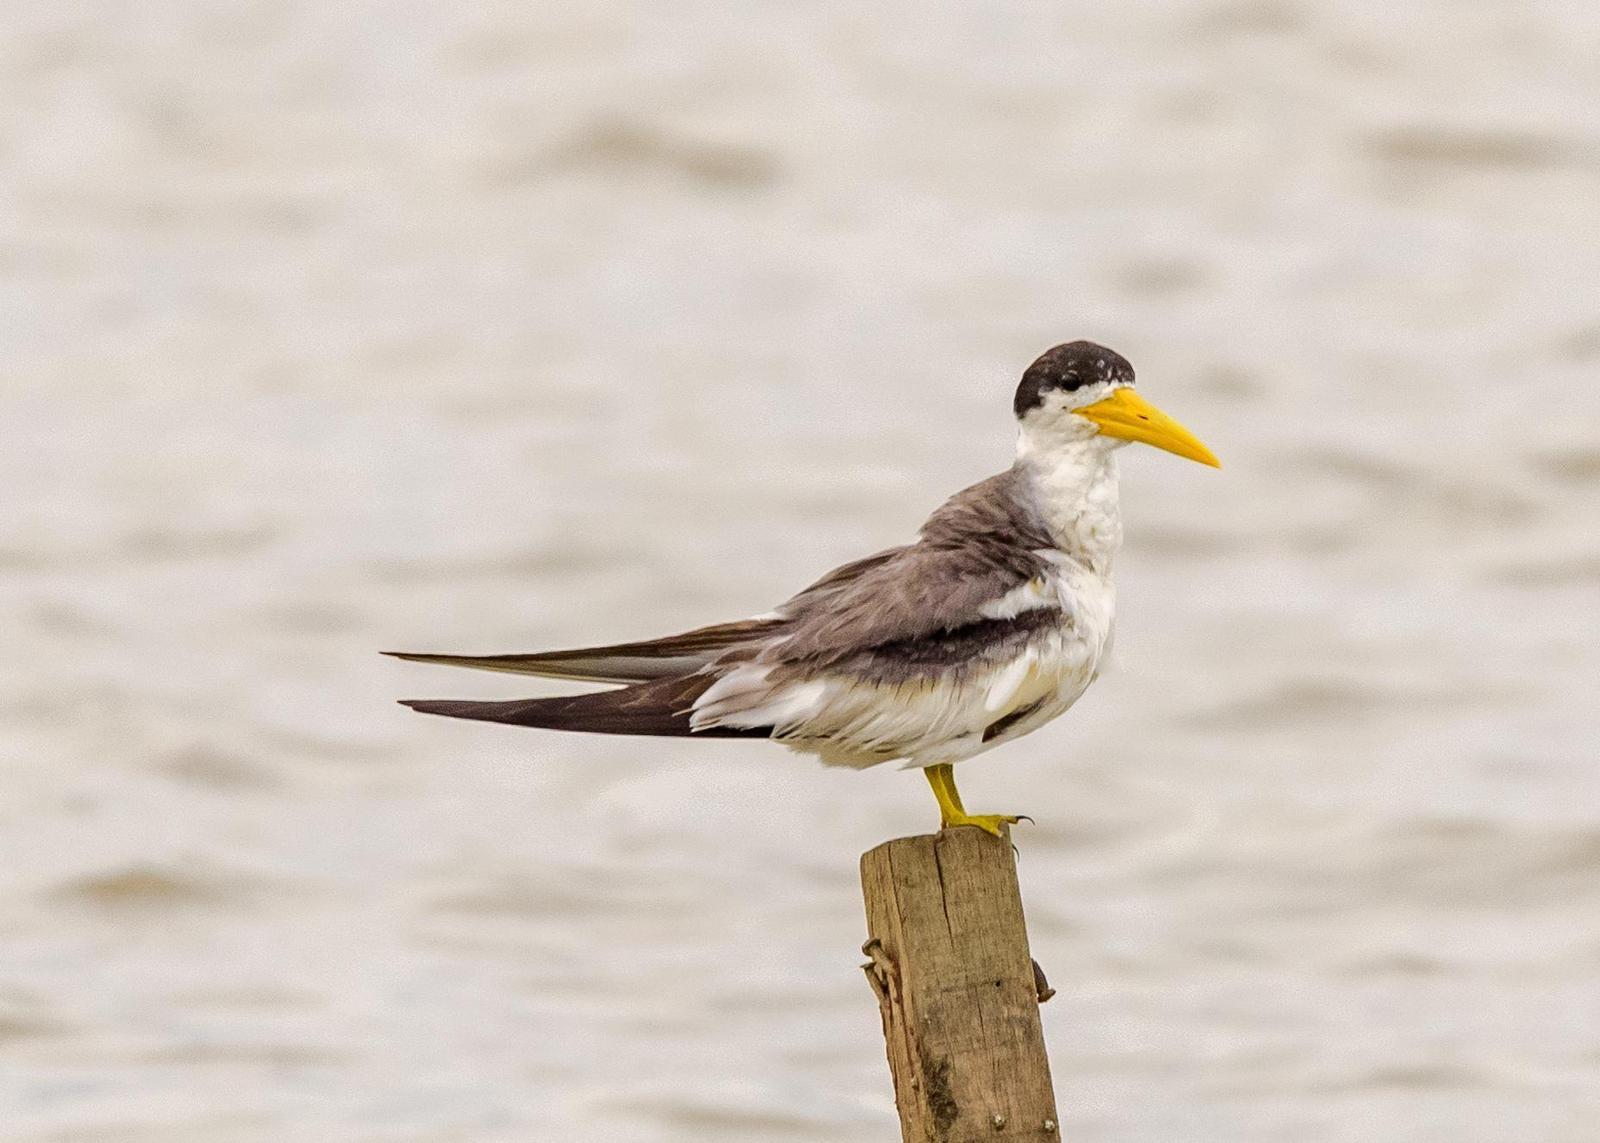 Yellow-billed Tern Photo by Keshava Mysore